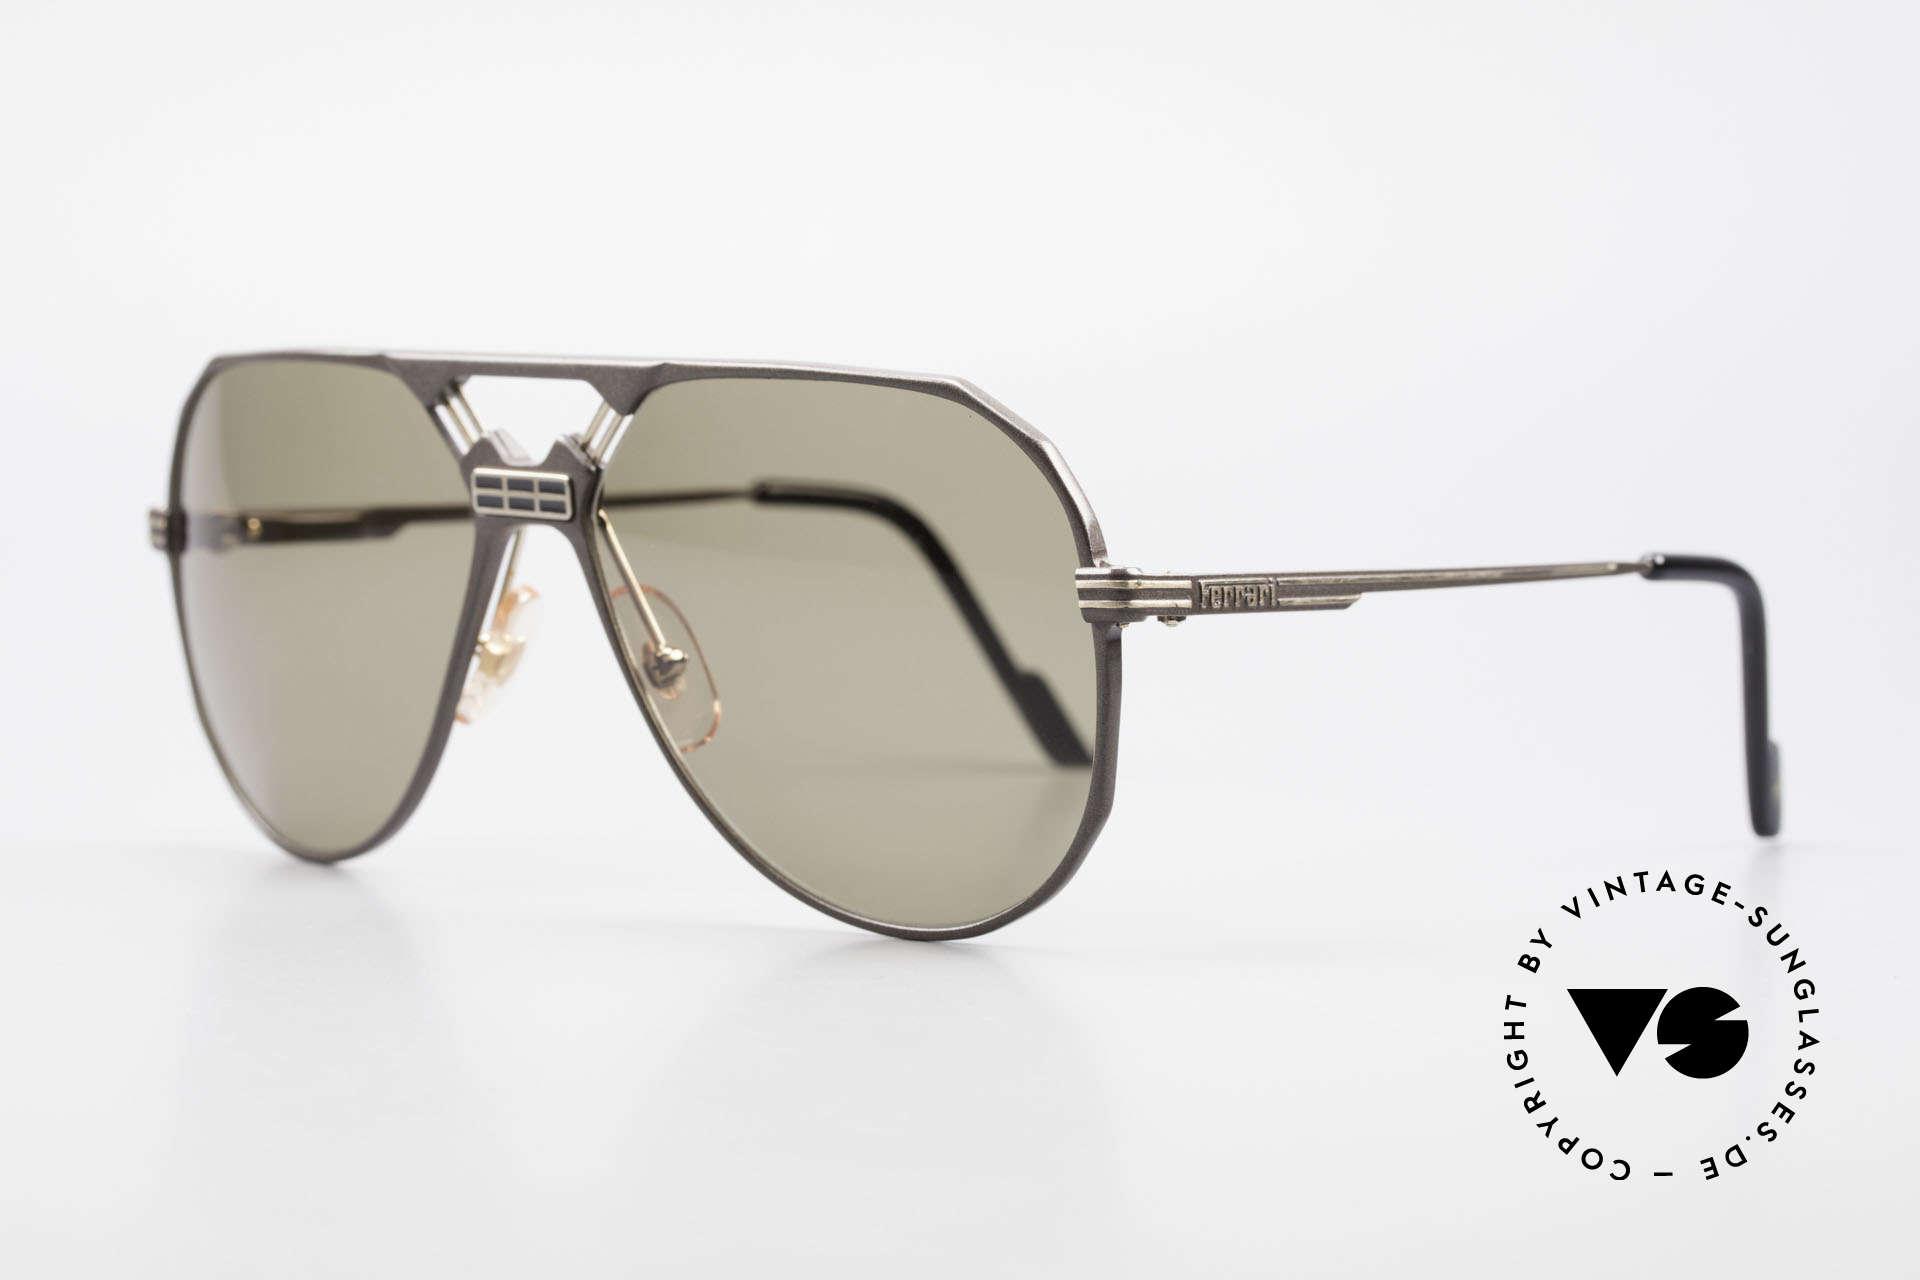 Ferrari F23/S Aviator Sport Sonnenbrille, sehr edles 'Aviator'-Design (Hybrid aus Sport & Chic), Passend für Herren